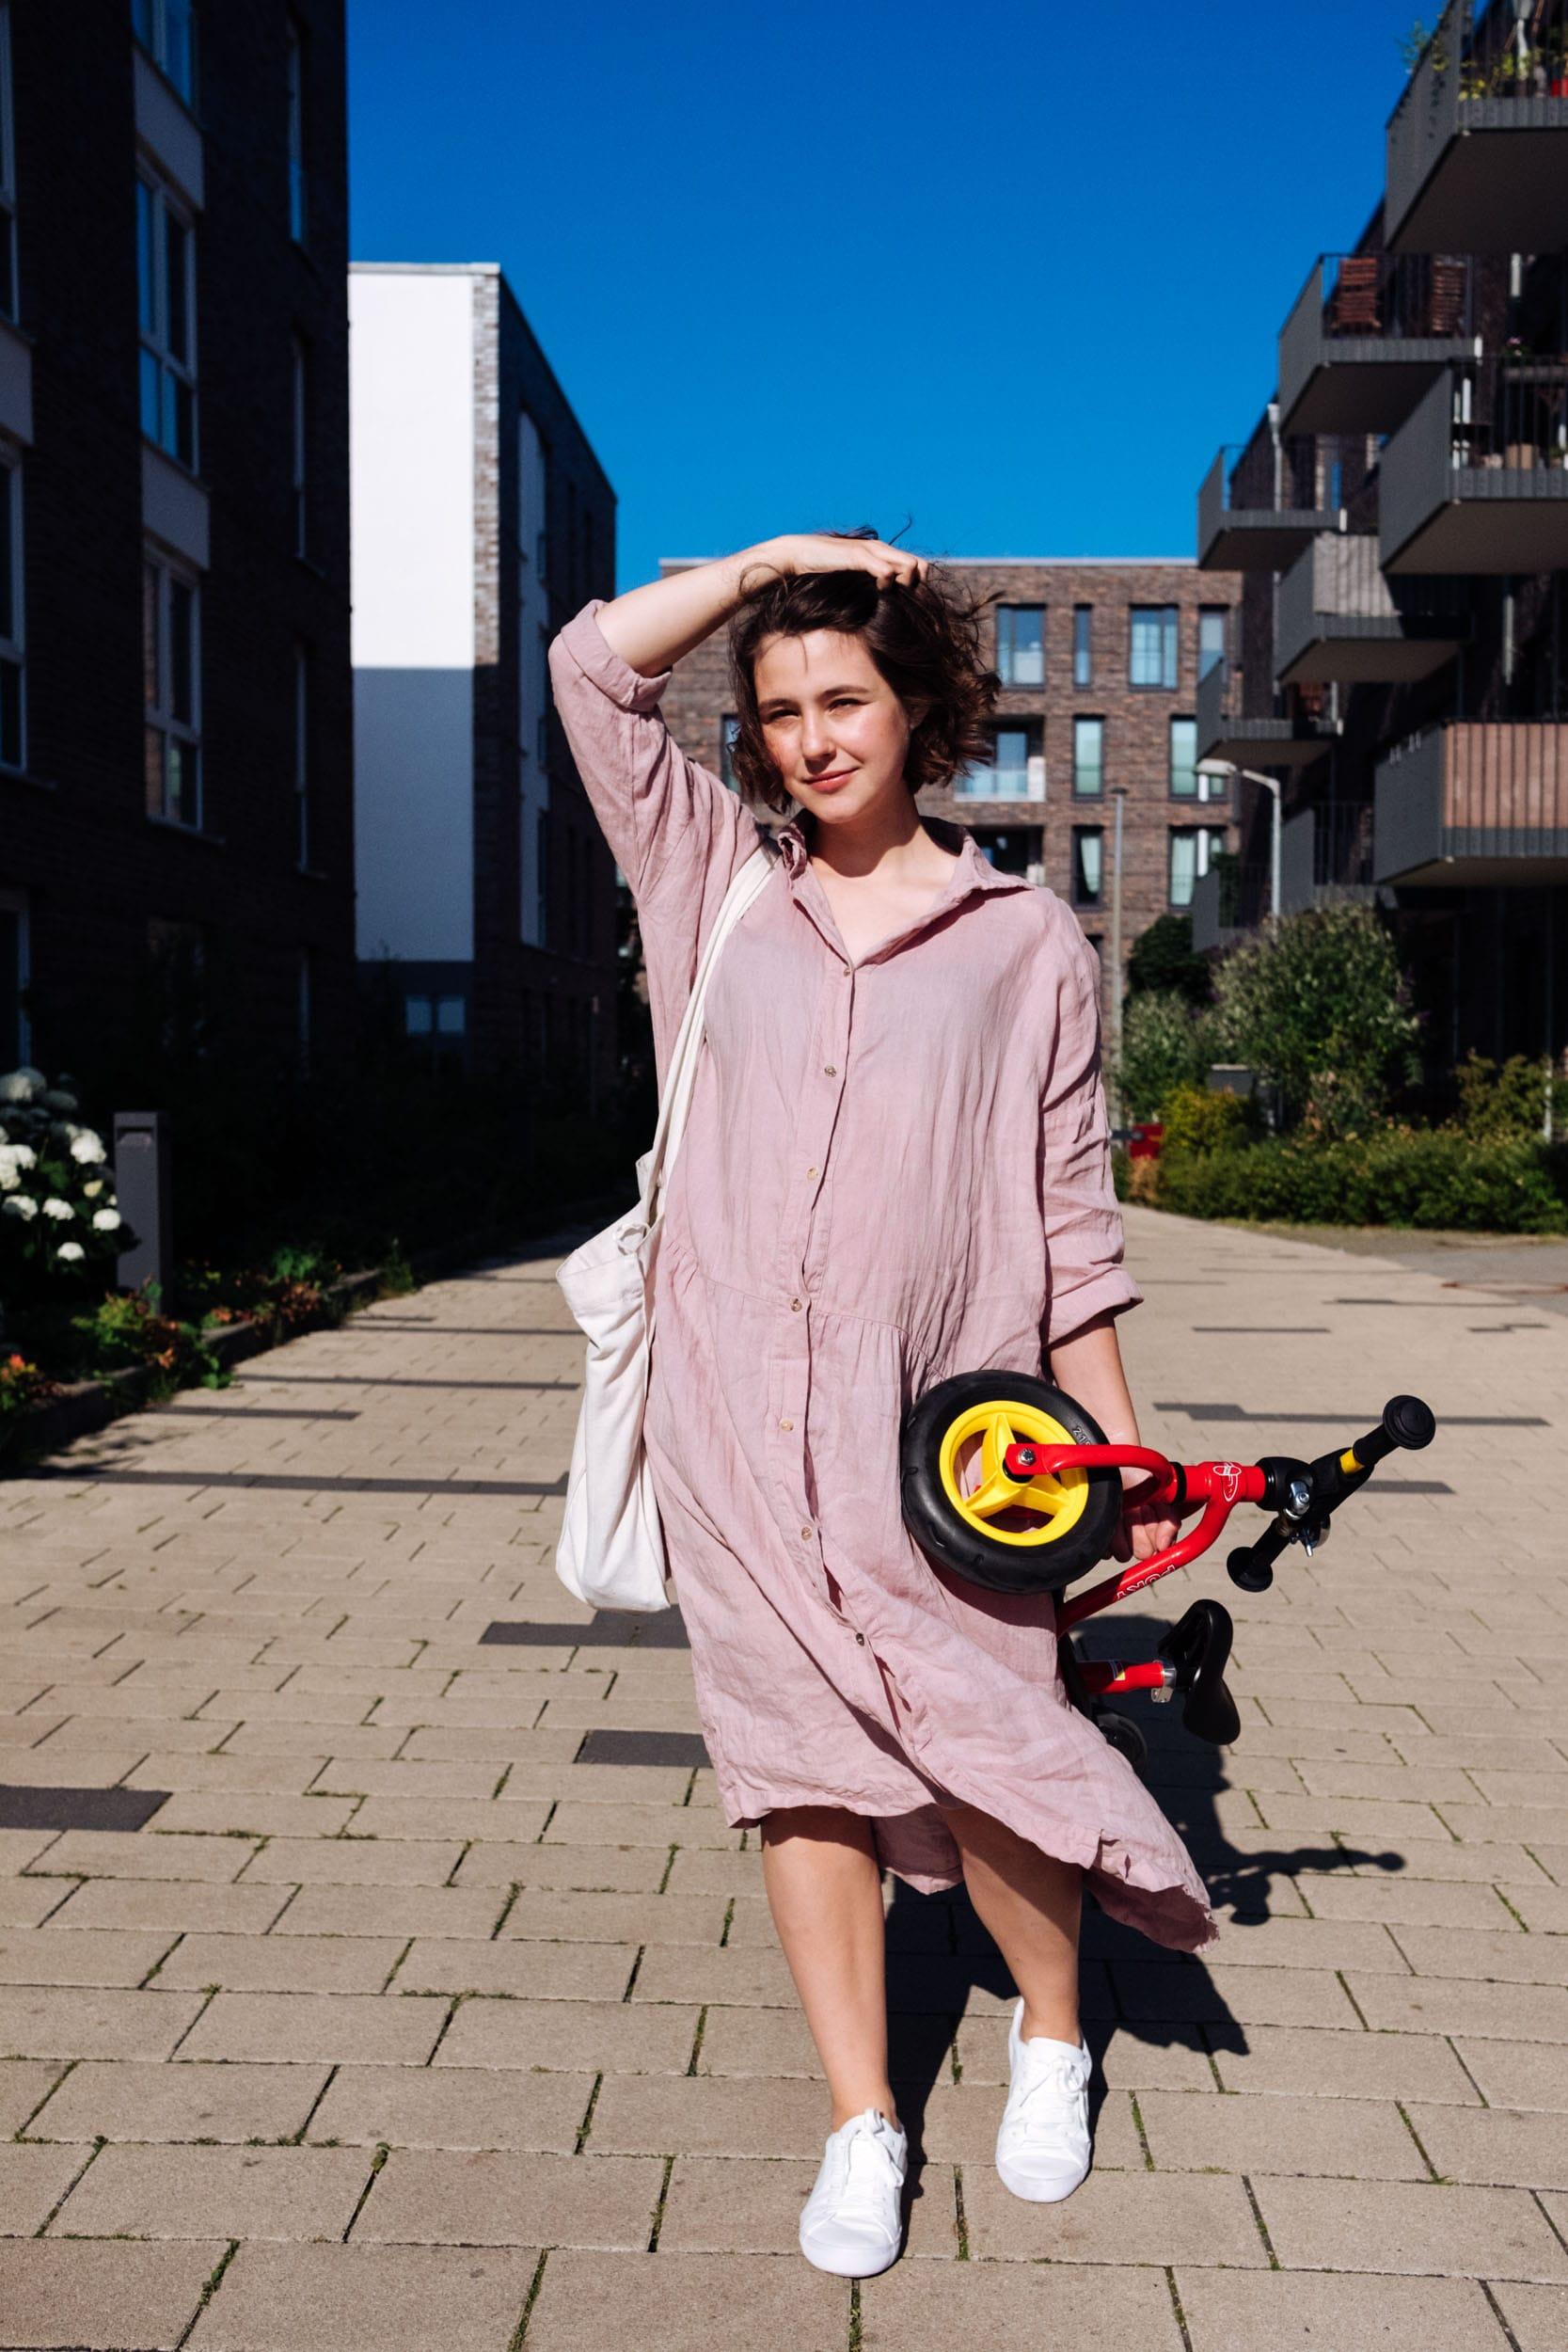 Familiensonntag | Unterwegs mit Fußball und Laufrad | Mama Outfit | Babybauch | Bumpstyle | Schwangerschaftsmode | Leinenkleid von Seaside Tones